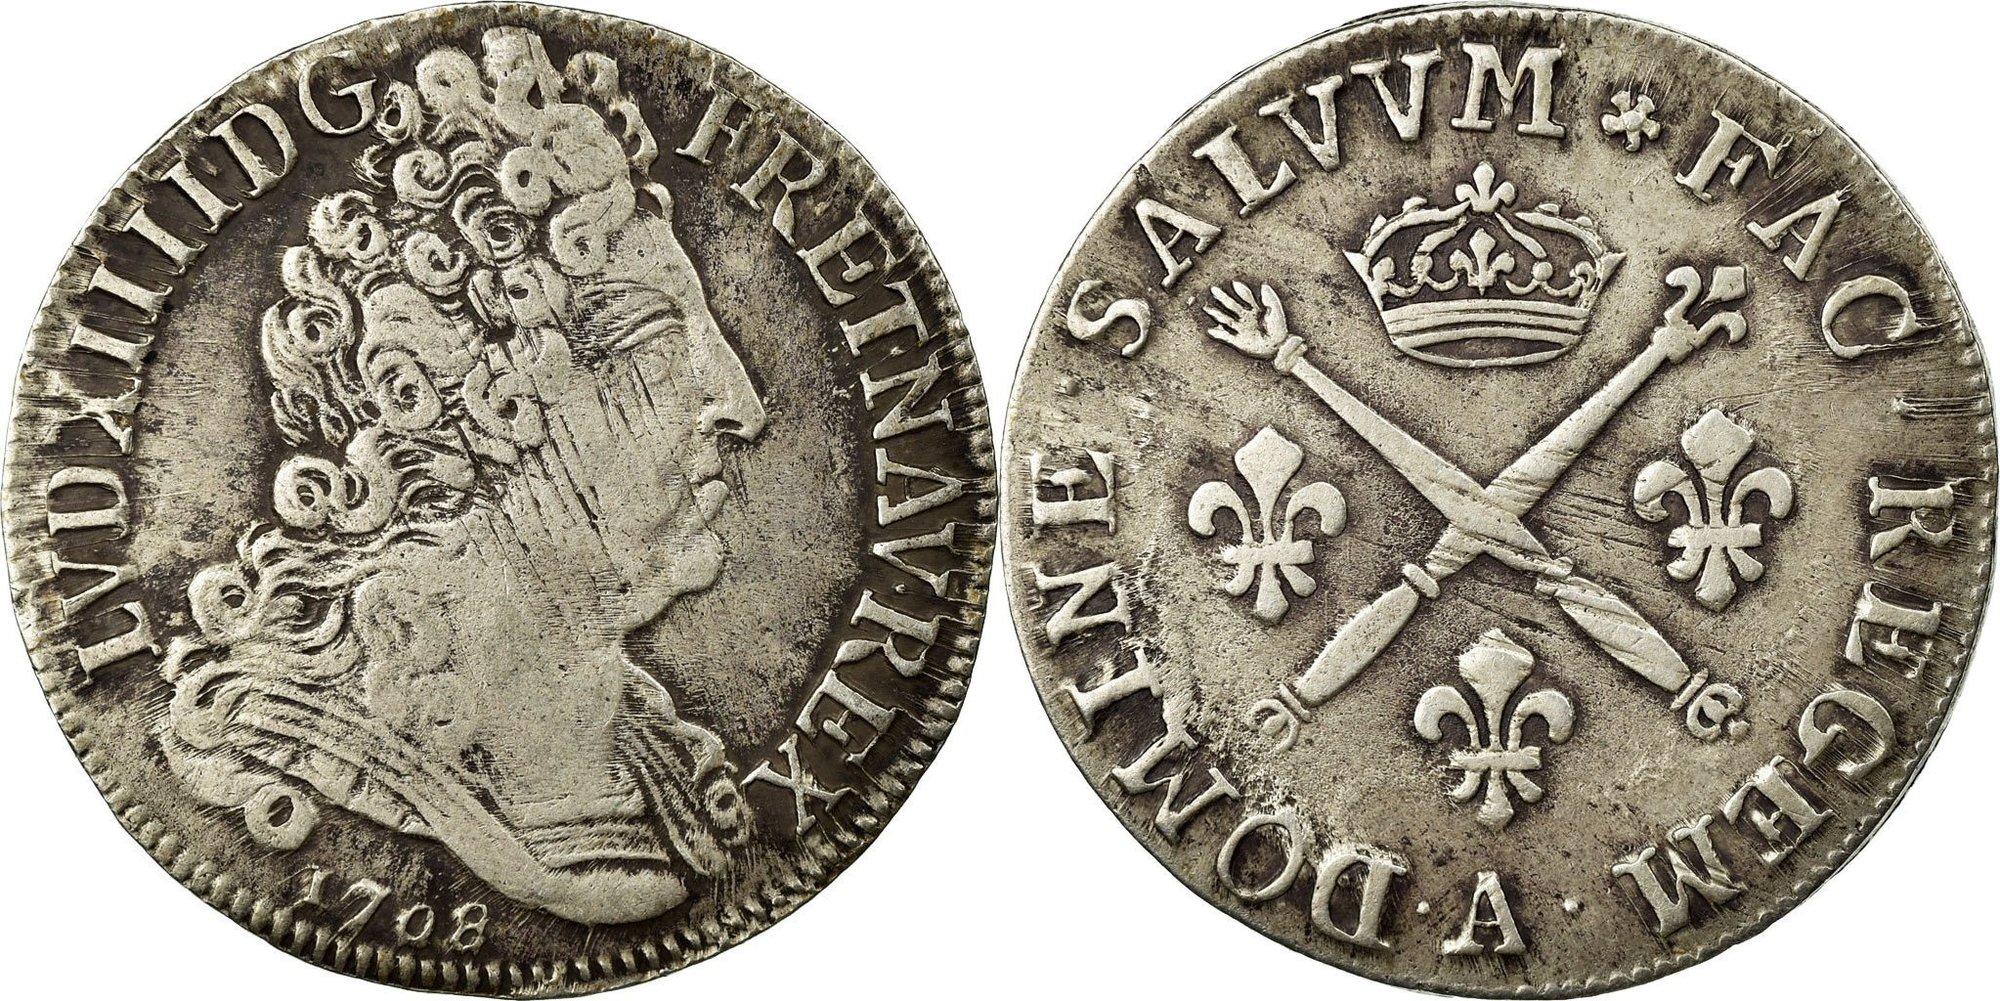 Вопрос нумизматам о монете времён Луи XIV